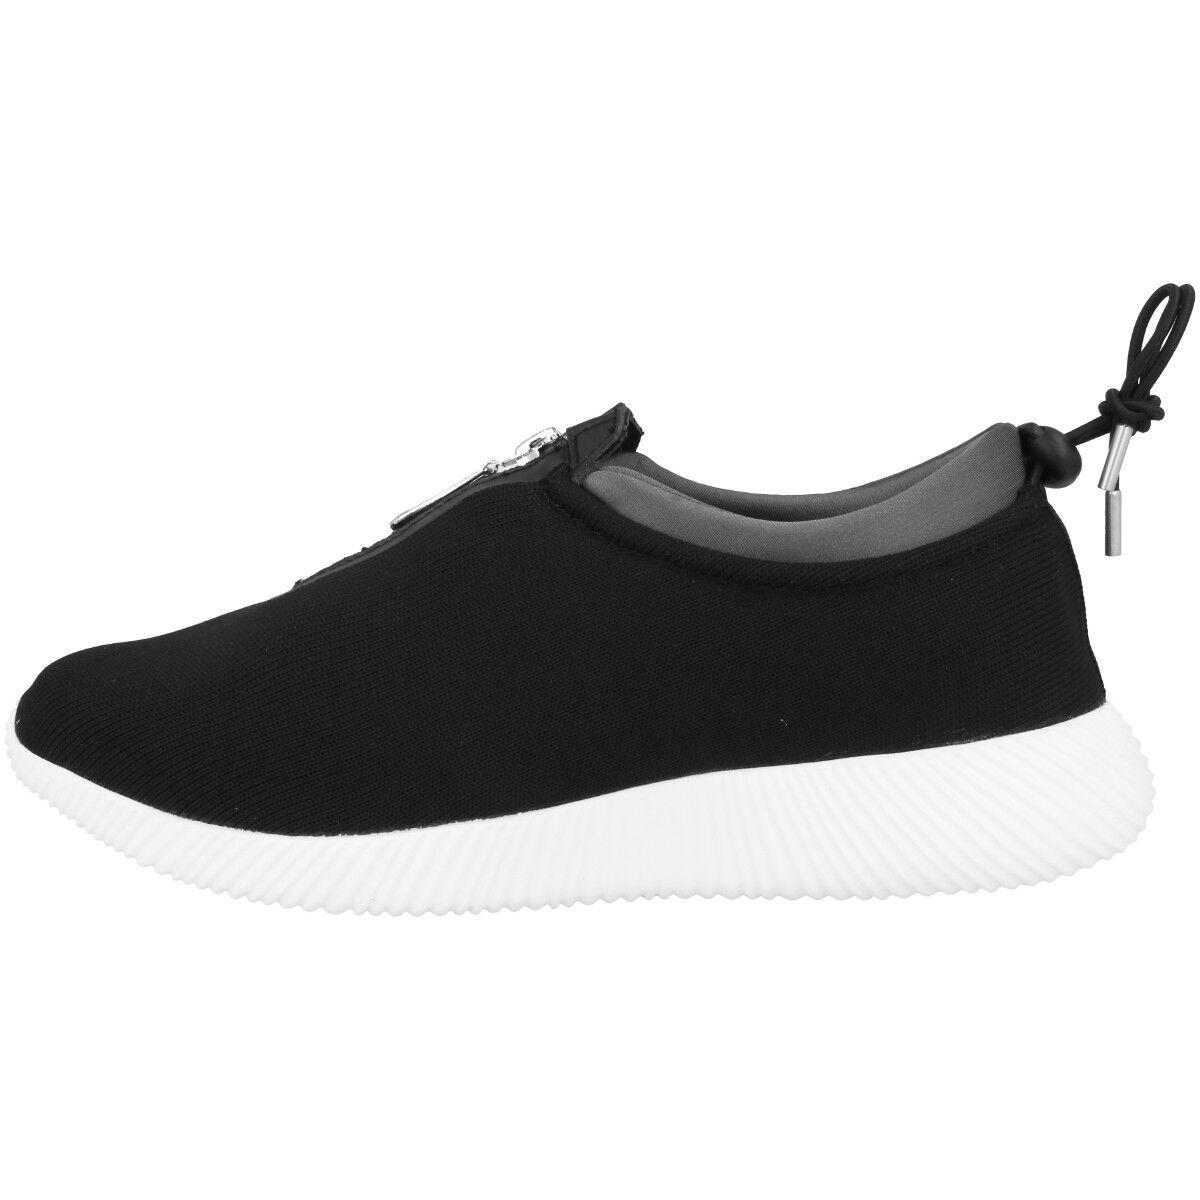 Chung Shi Duxfree Aruba Women Schuhe Damen Casual Zipper Sneaker schwarz 8820010